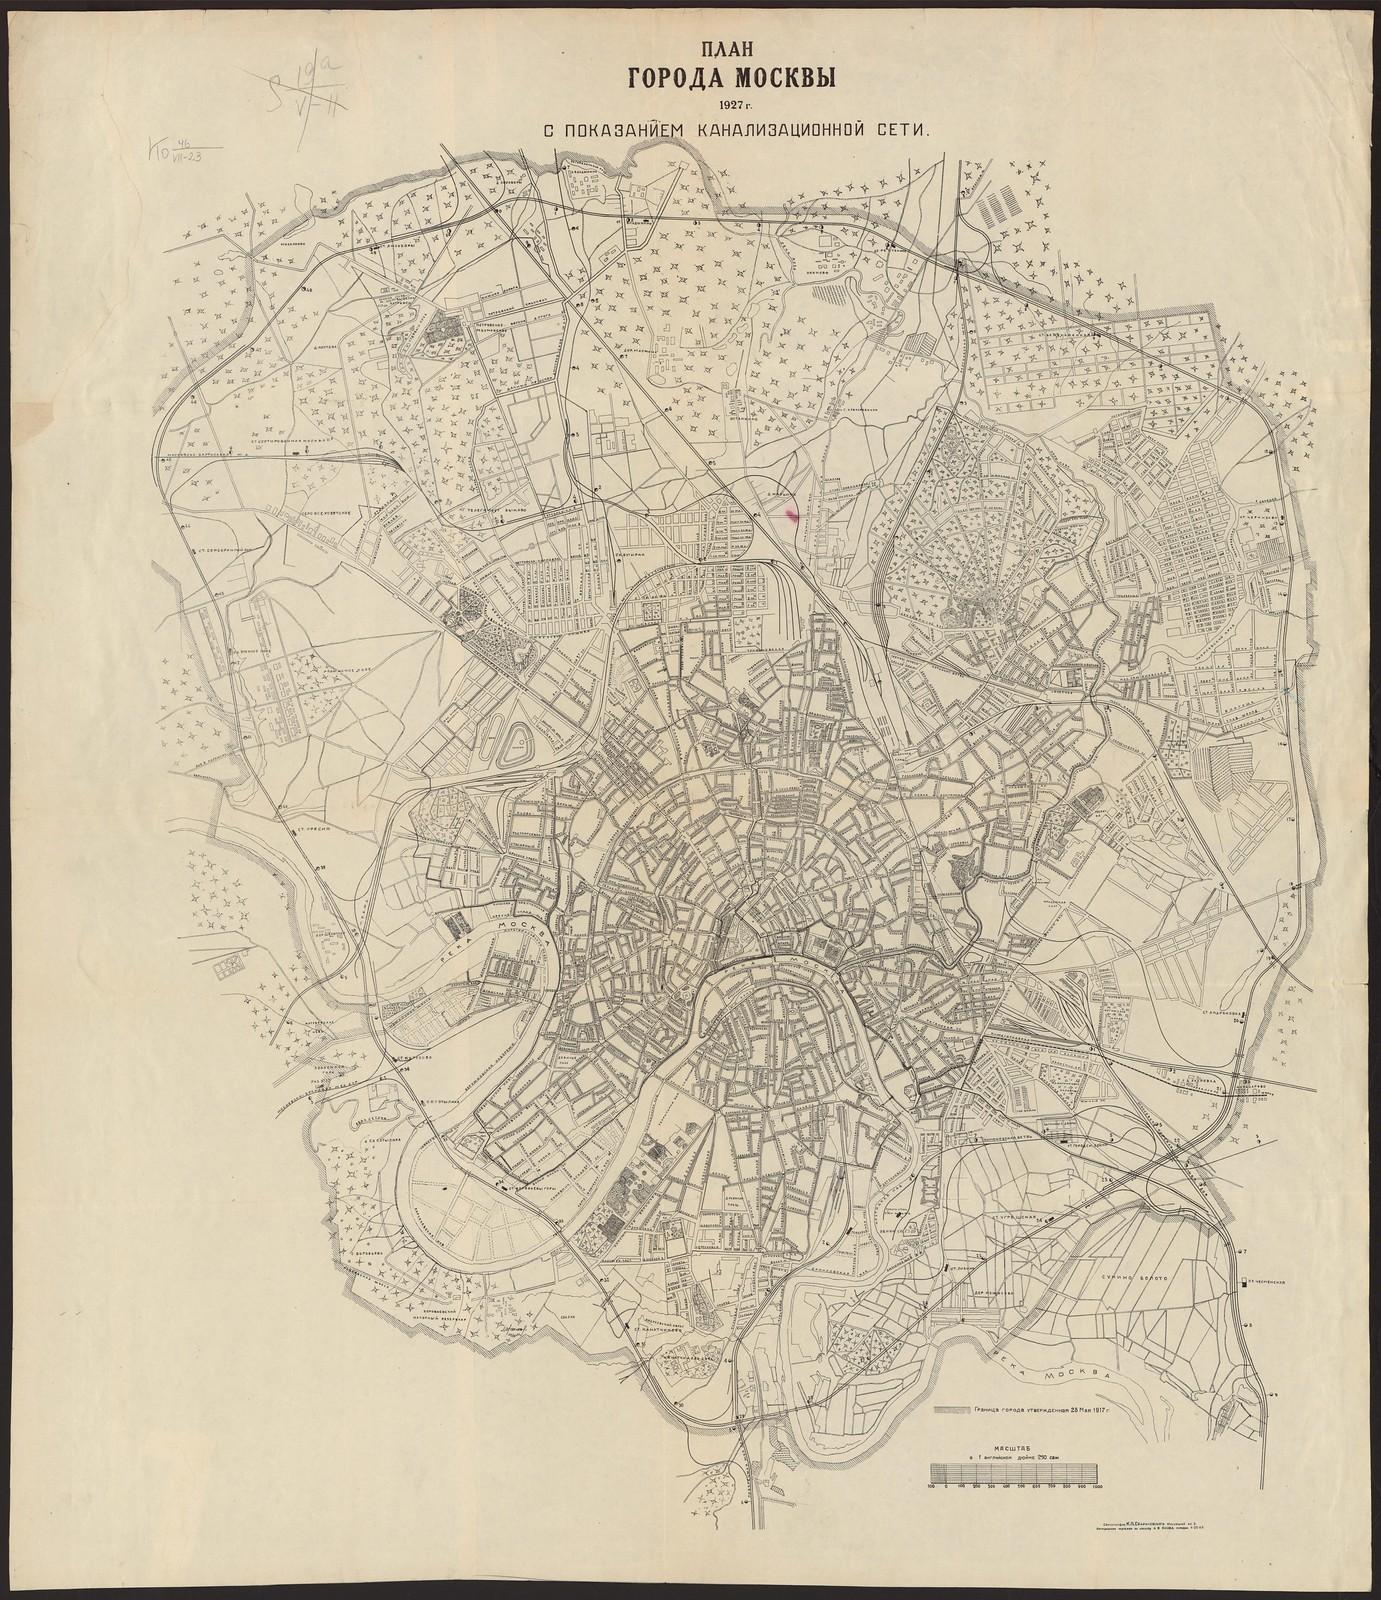 1927. План города Москвы с показанием канализационной сети